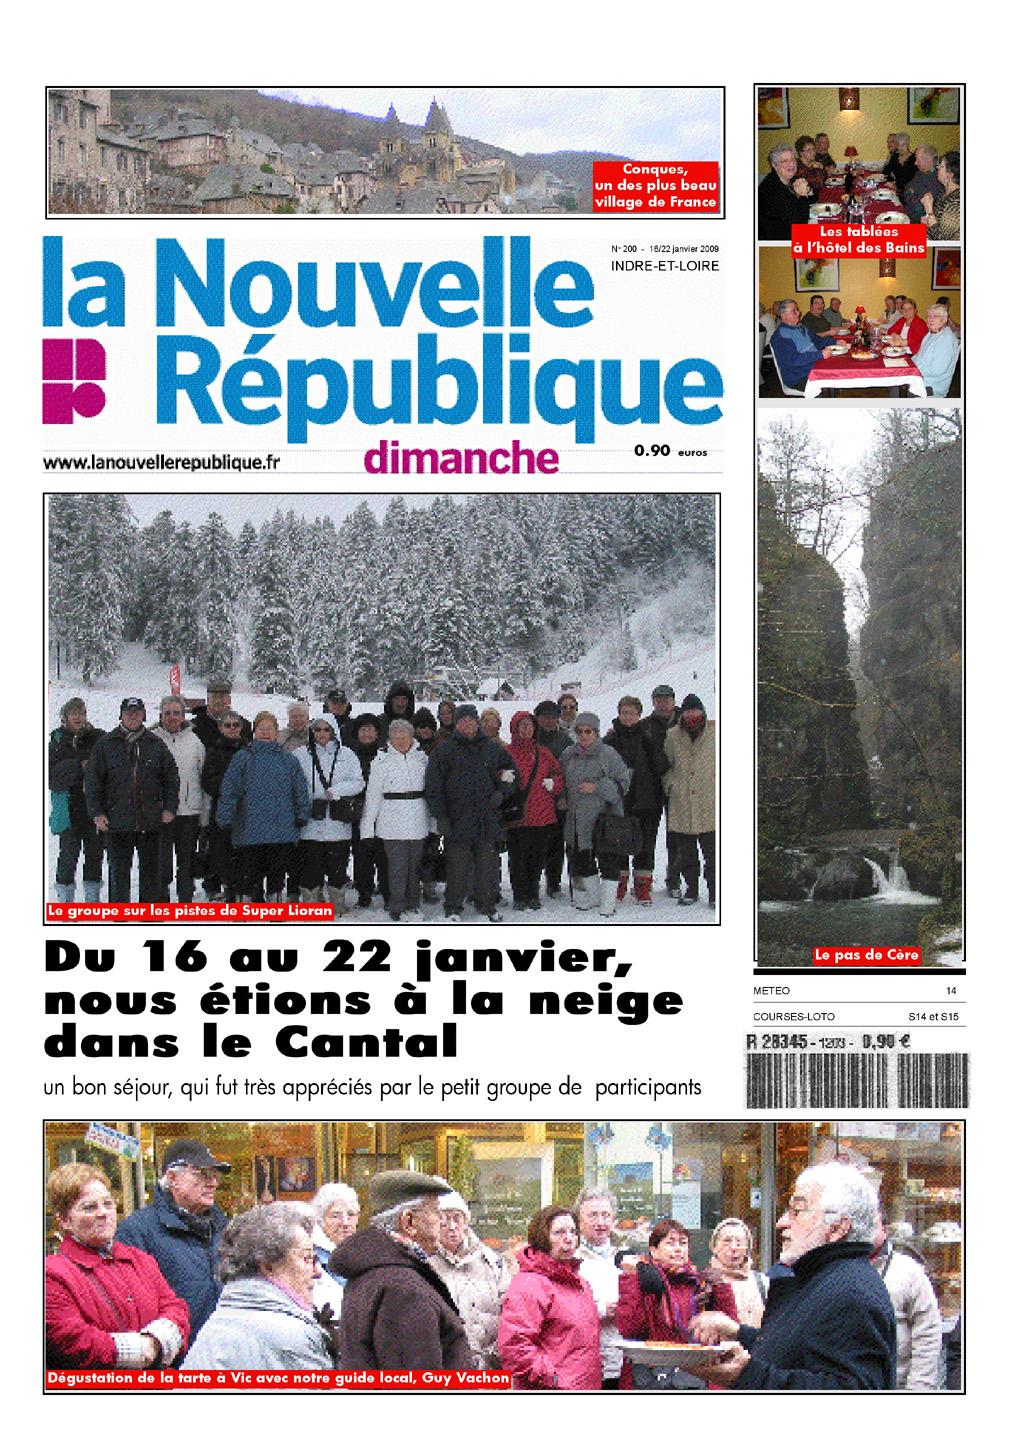 L'amicale des retraités de la Nouvelle République dans le Cantal